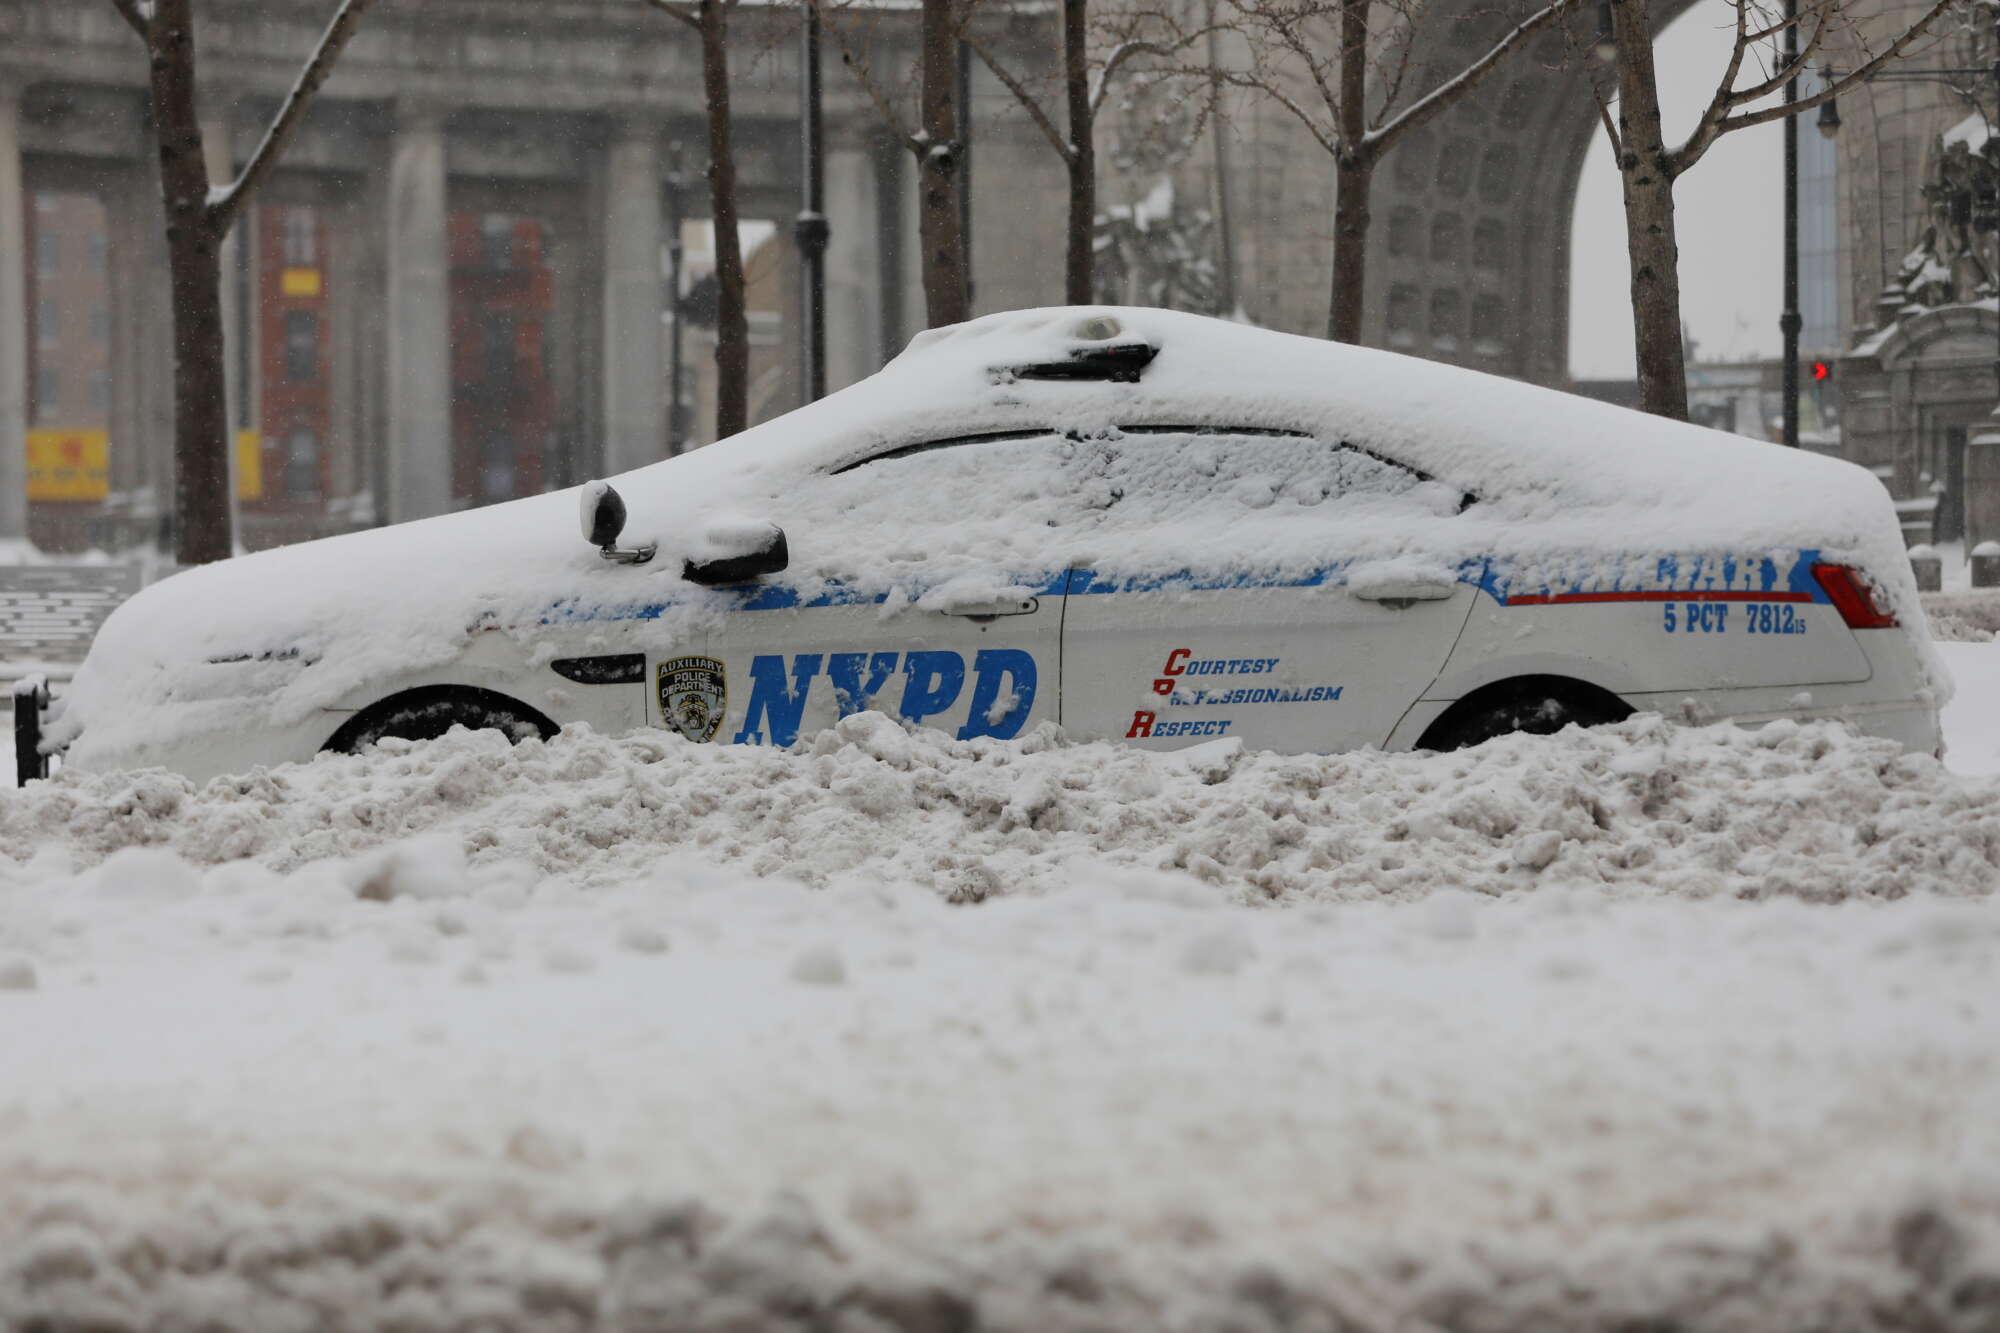 Ο χιονιάς δεν κάνει διακρίσεις. Σε αντίθεση με ορισμένους αστυνομικούς...